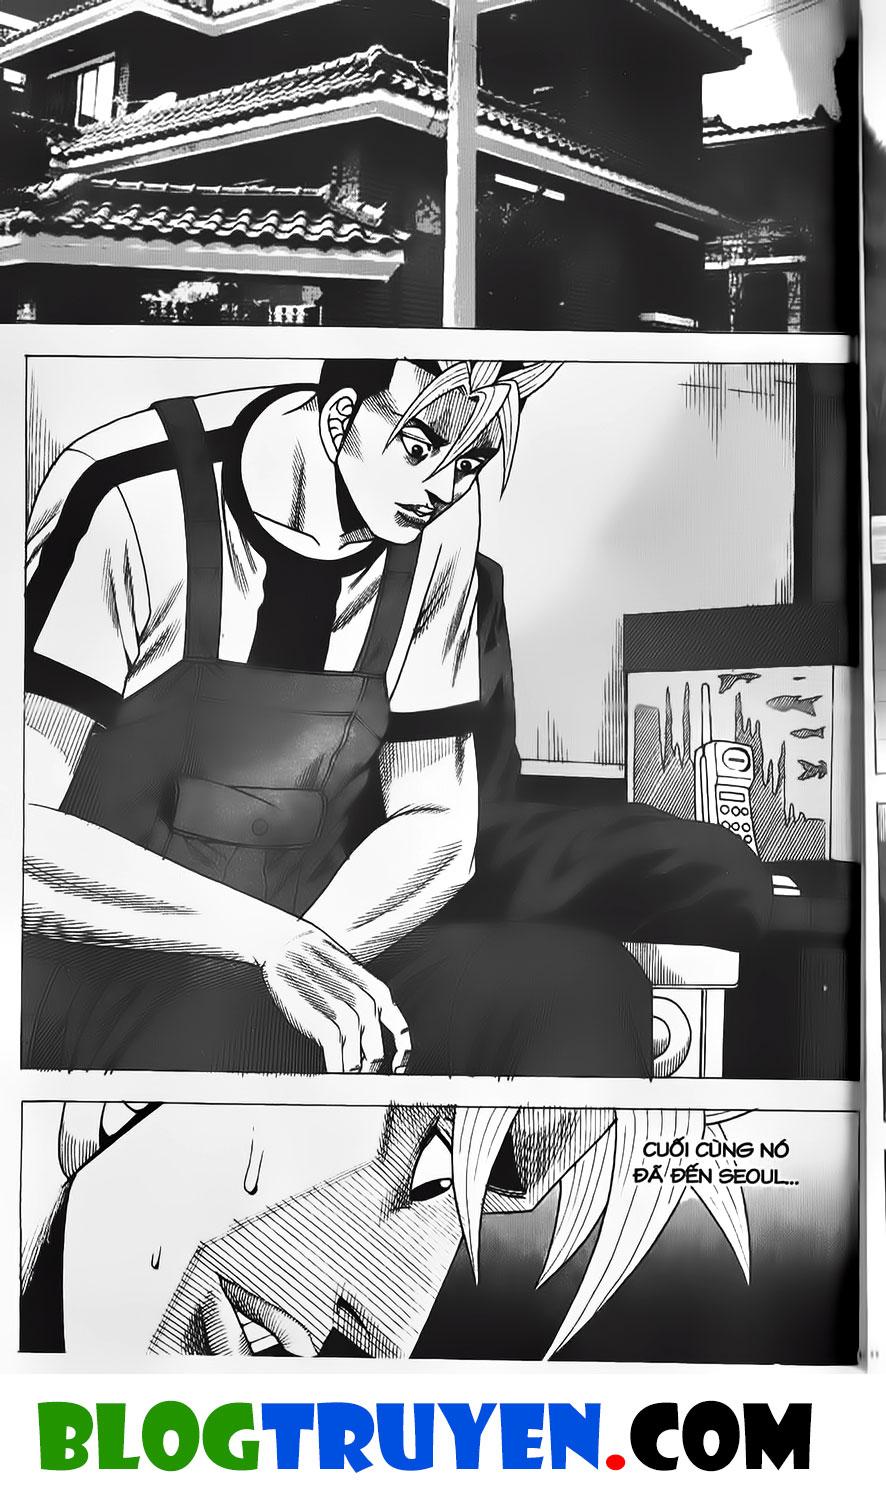 Bitagi - Anh chàng ngổ ngáo chap 374 trang 10